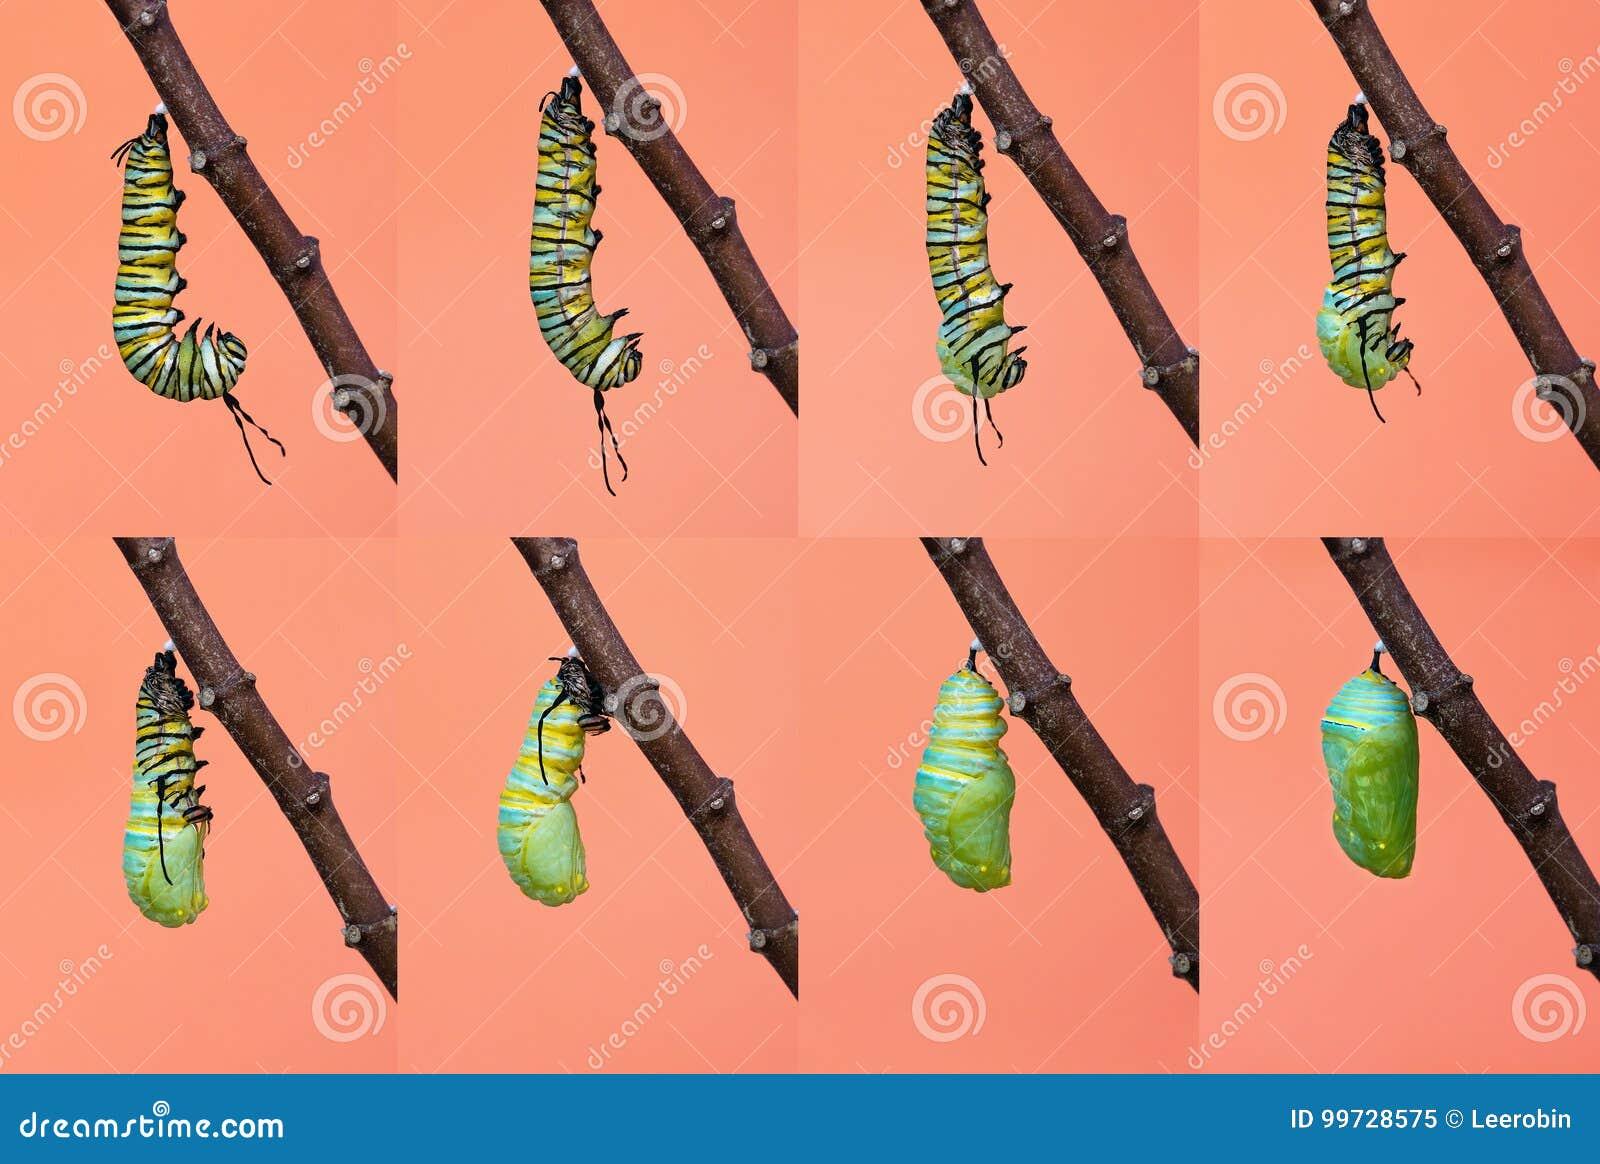 黑脉金斑蝶变形从毛虫到蝶蛹